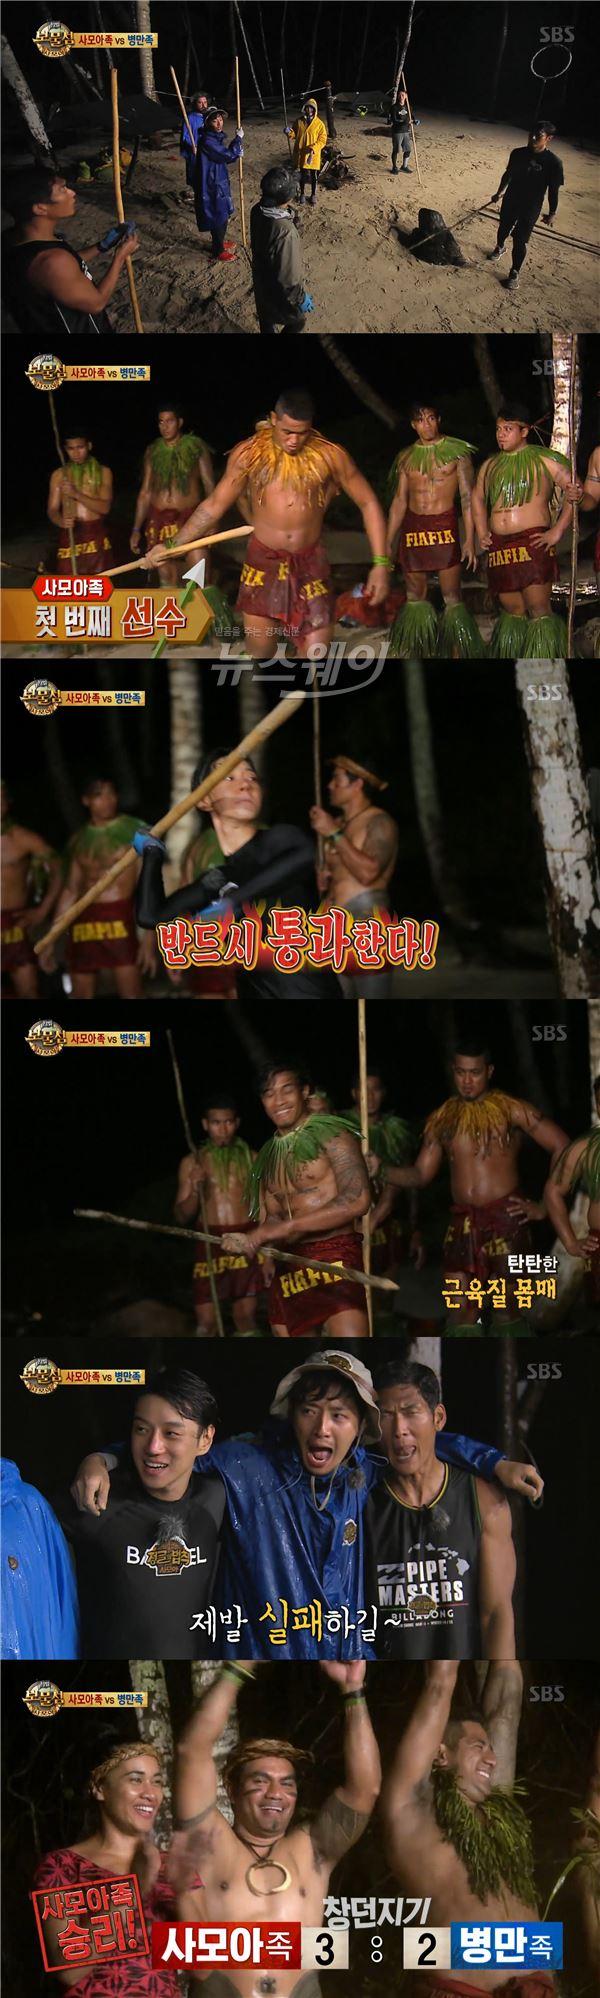 병만족 vs 사모아족, 정면대결··아슬아슬 敗